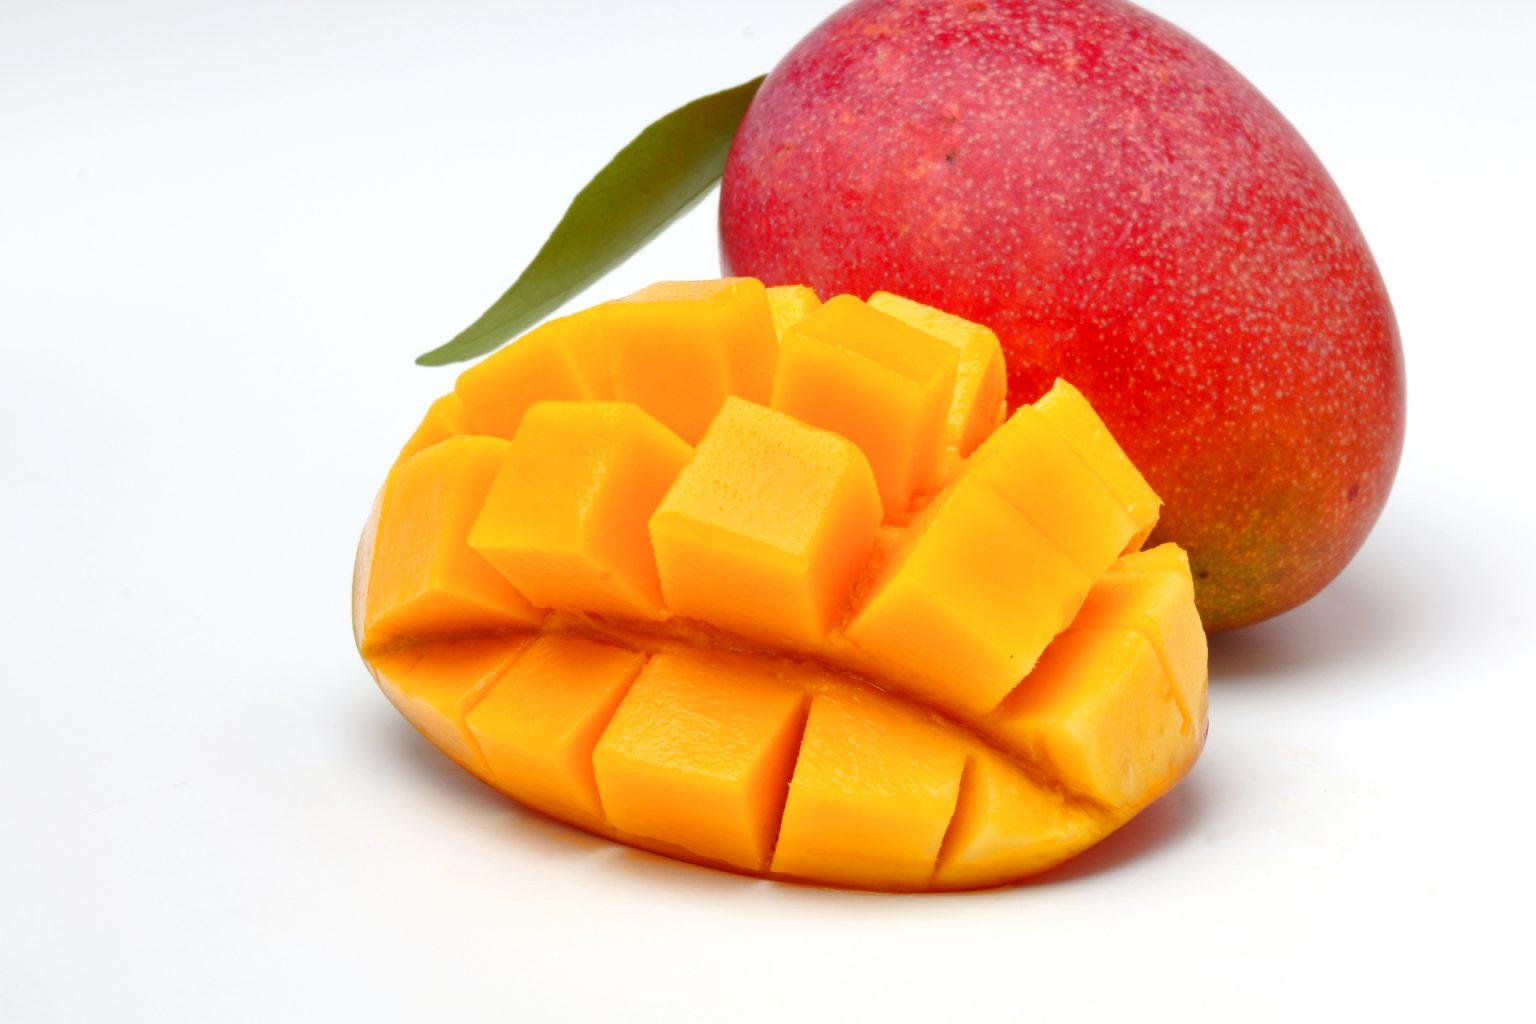 アフリカマンゴノキ 副作用